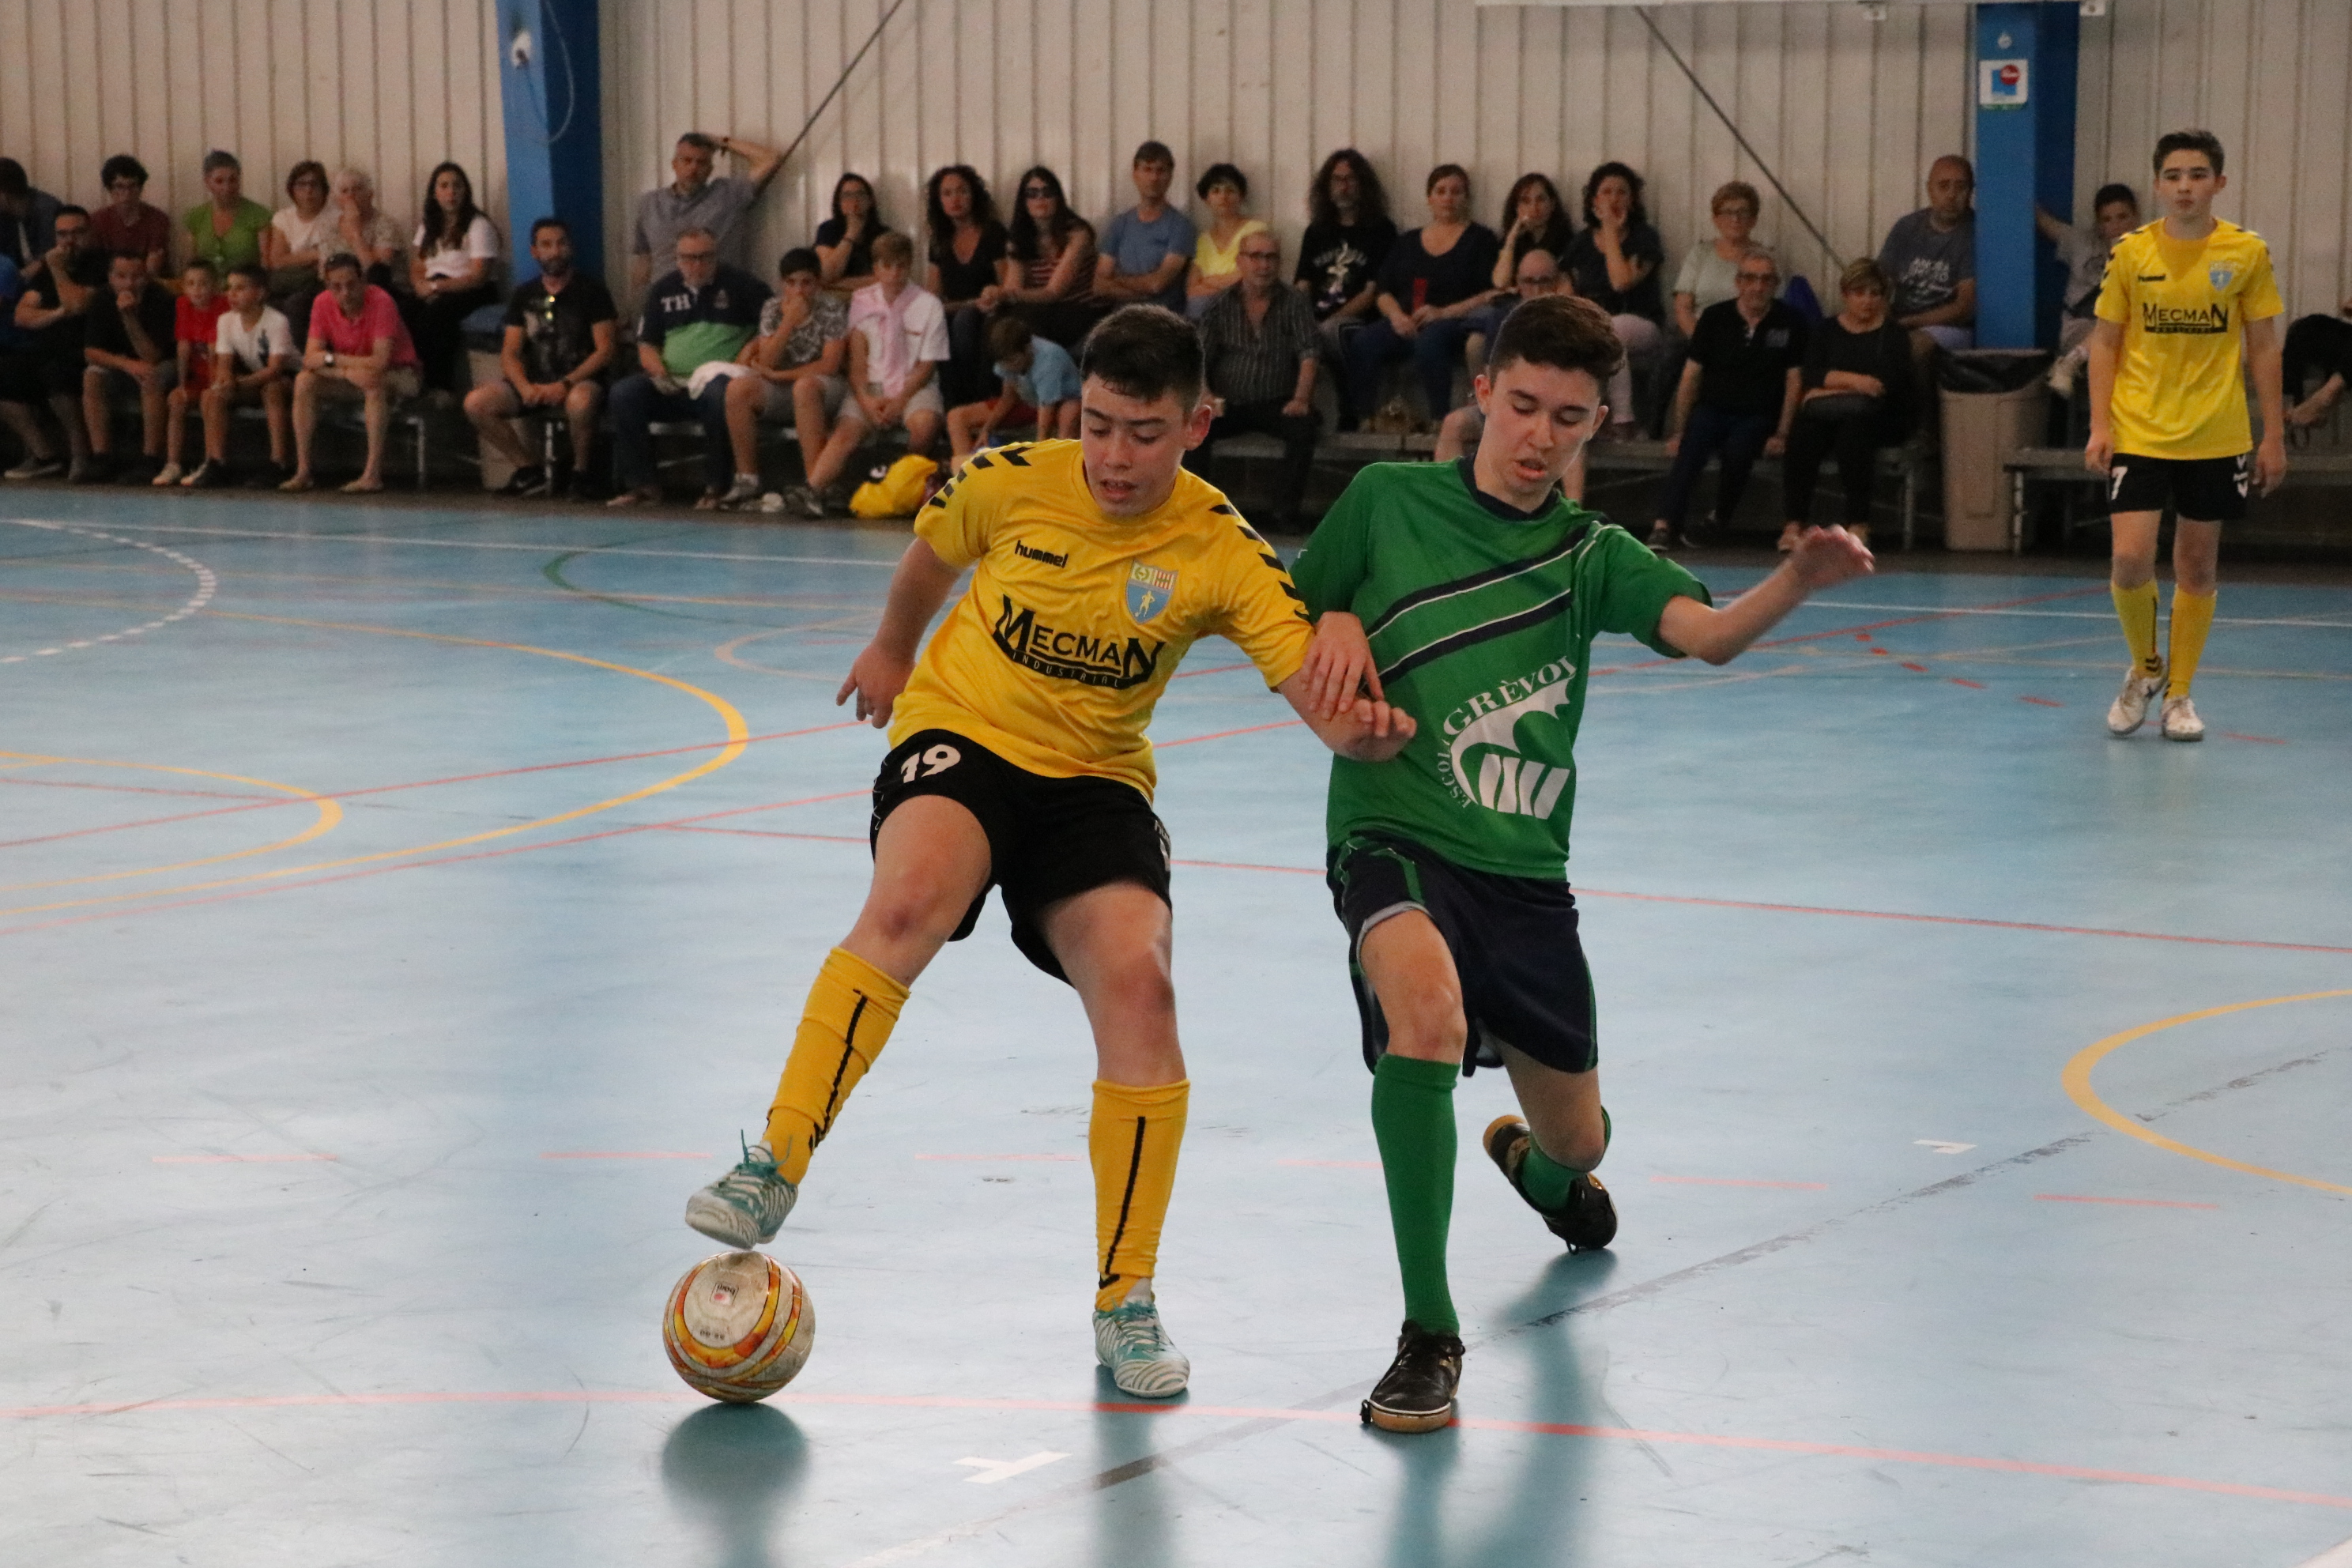 El FS Unión Llagostense va organitzar amb èxit la Final Four de la Copa Catalunya